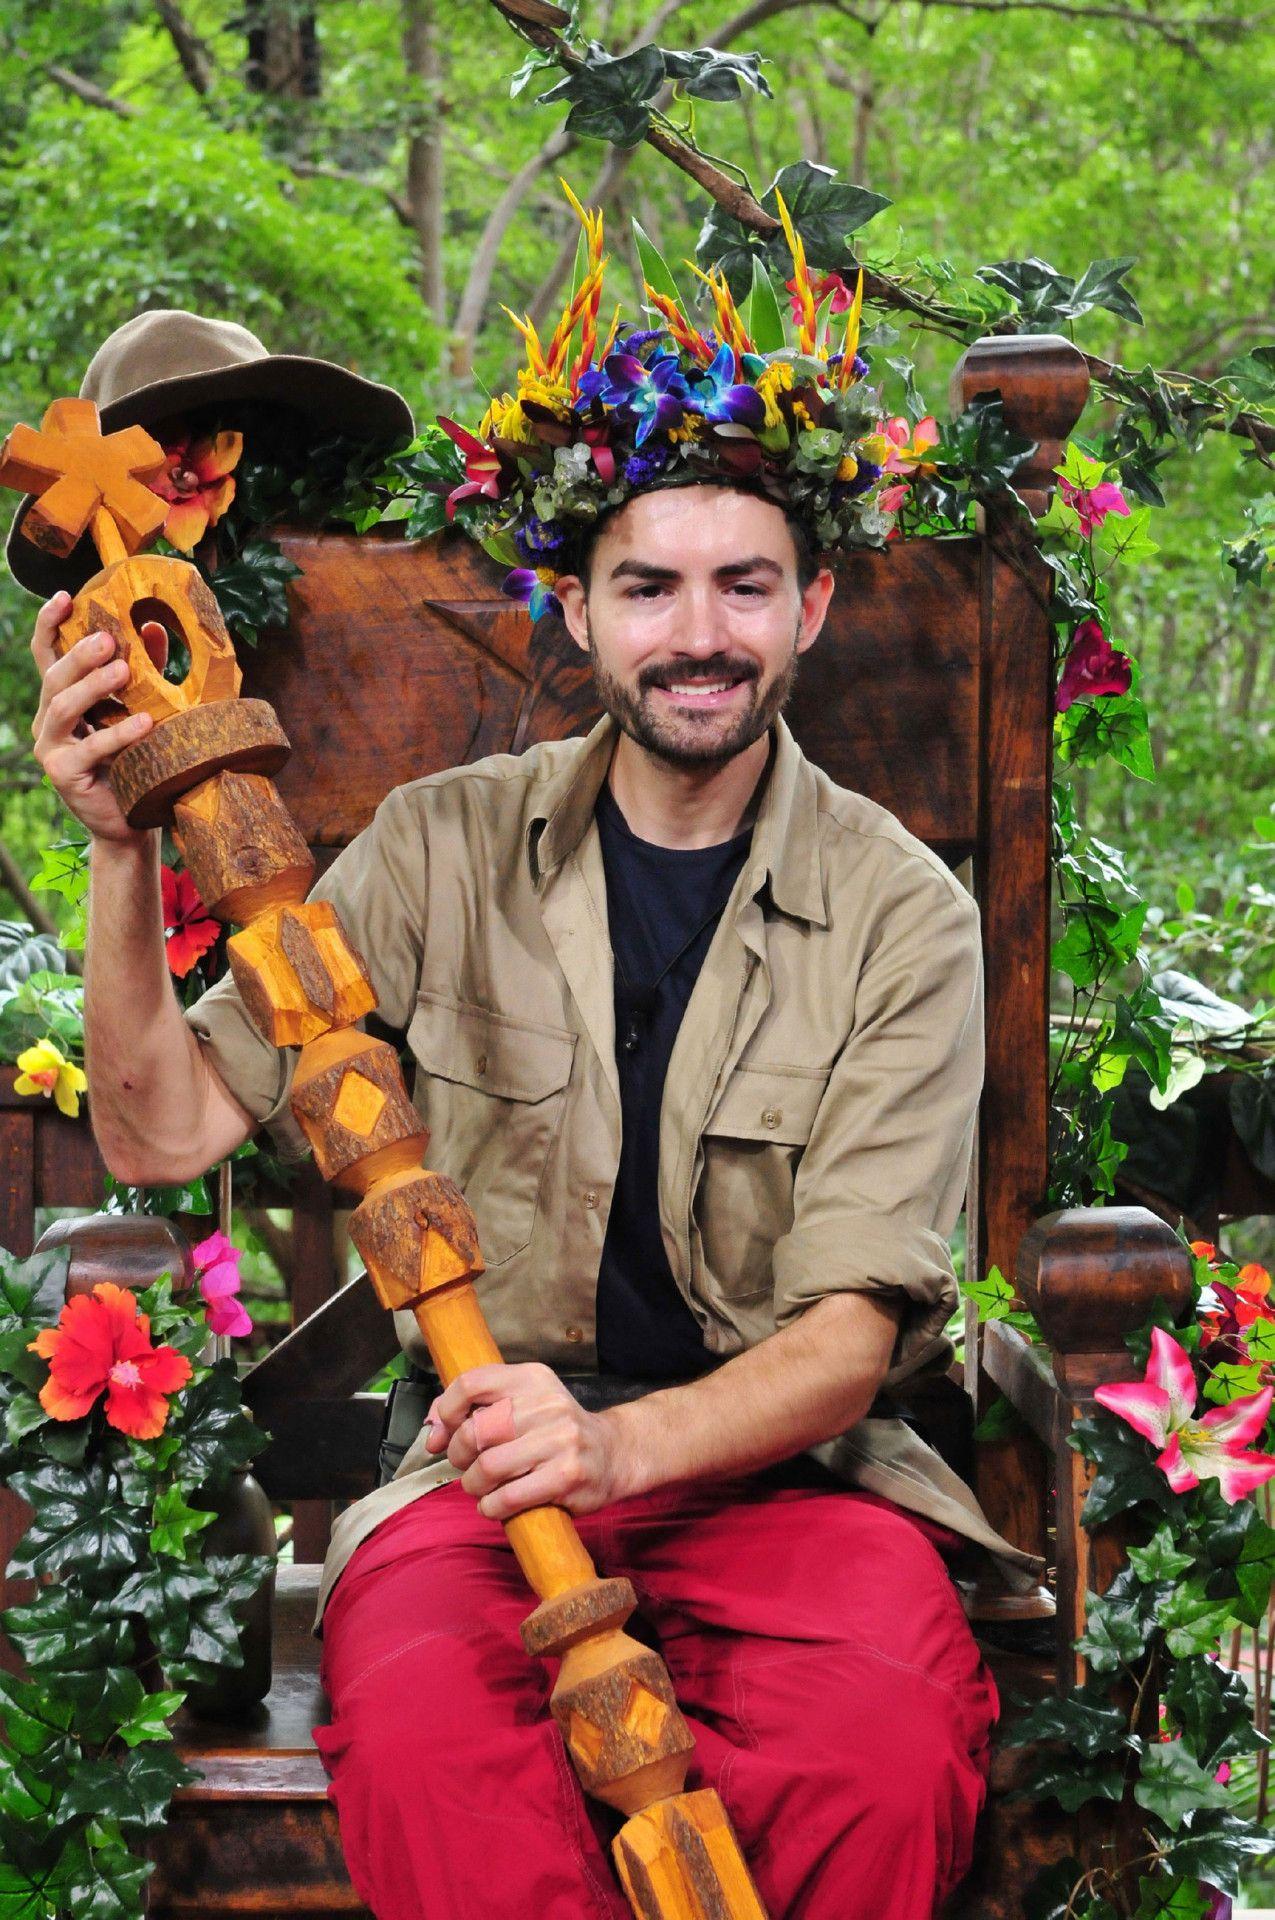 Der Dschungelkönig der zehnten Staffel (2016) ist Menderes Bagci.